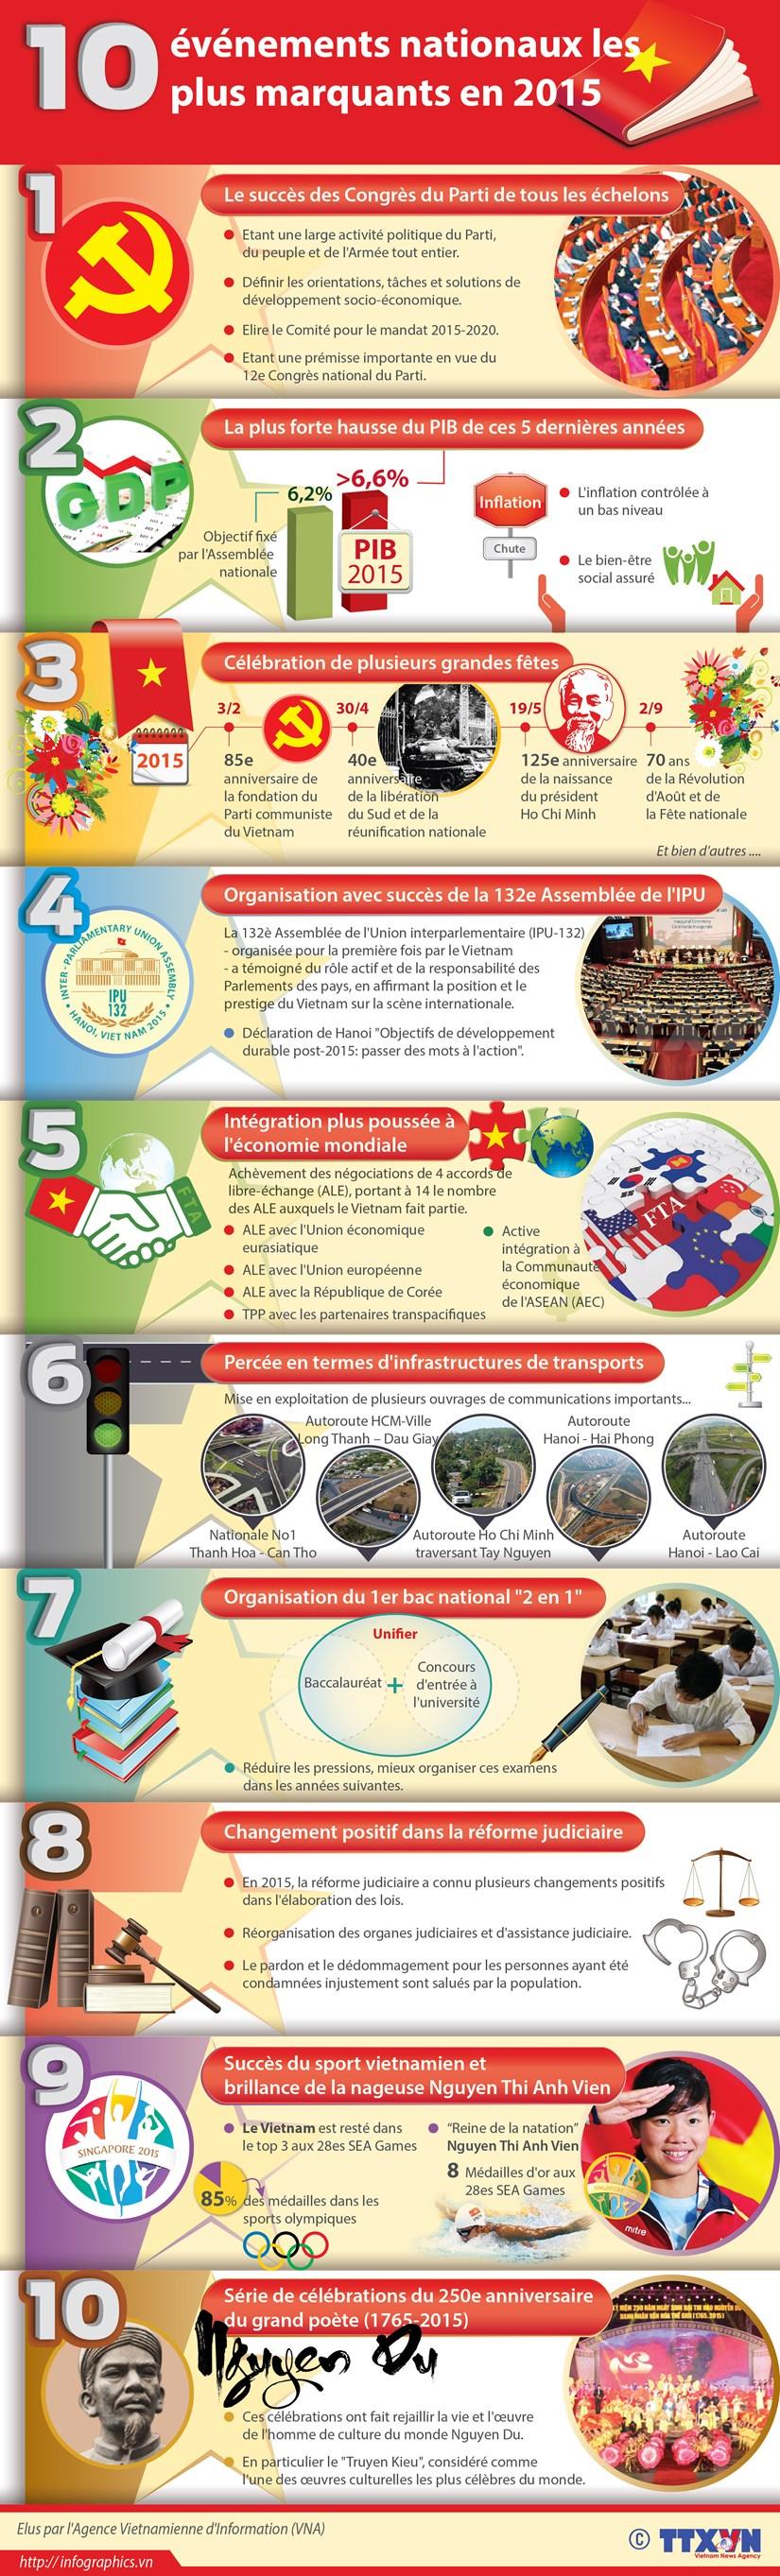 [Infographie] Dix evenements nationaux les plus marquants en 2015 hinh anh 1